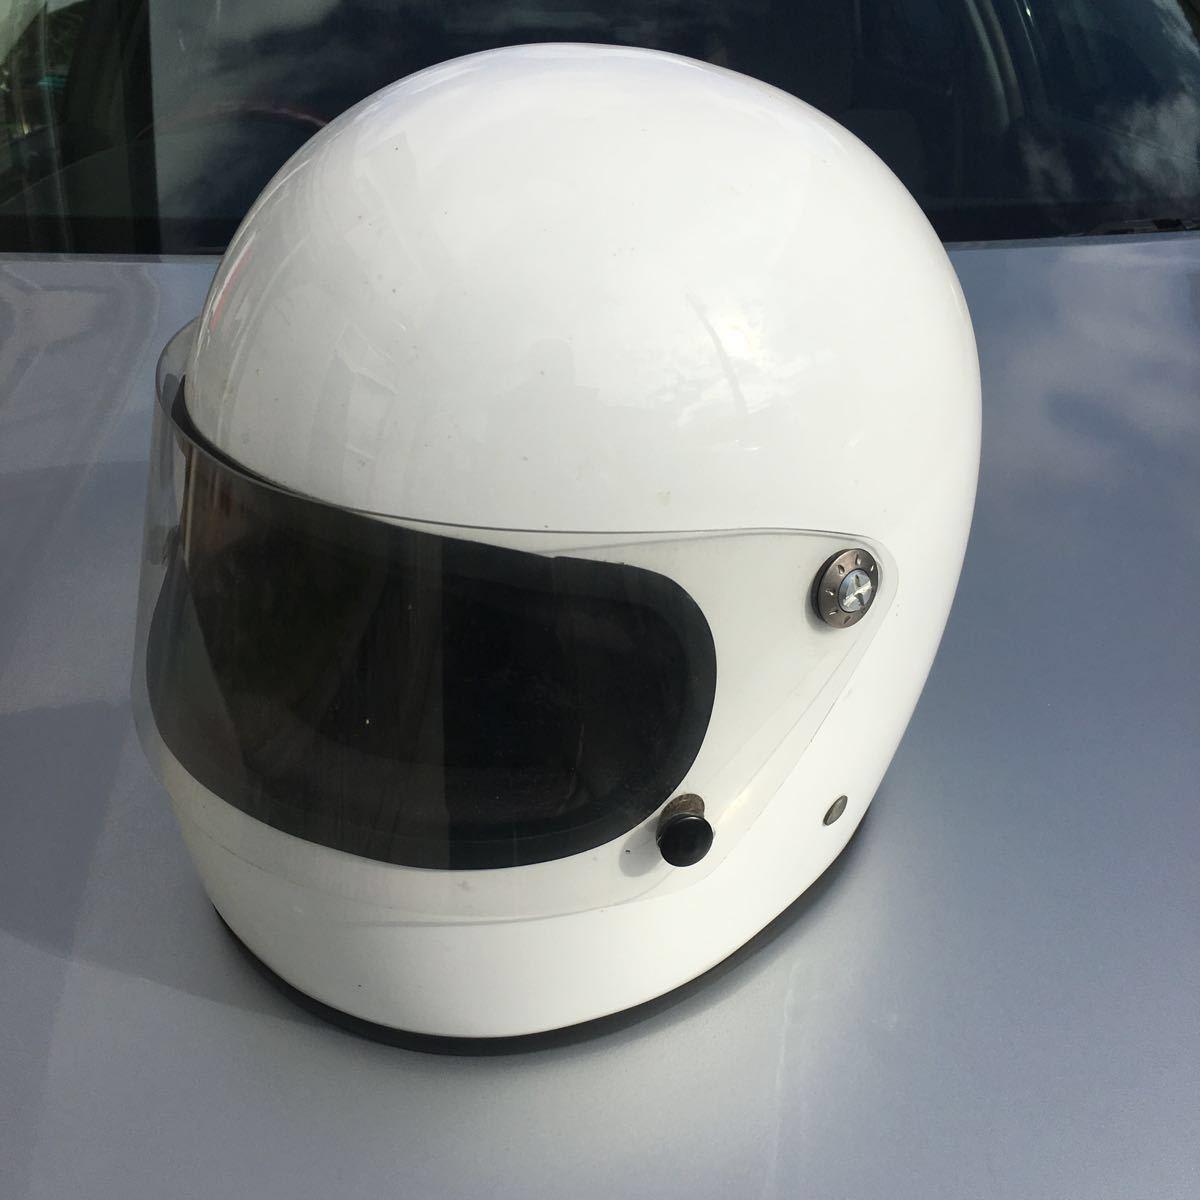 族ヘル 使用回数少 フルヘェイス ヘルメット / 初期 型 マッハ にて使用 / サイズは極端に小さく無いのでフリーサイズかな?_画像2